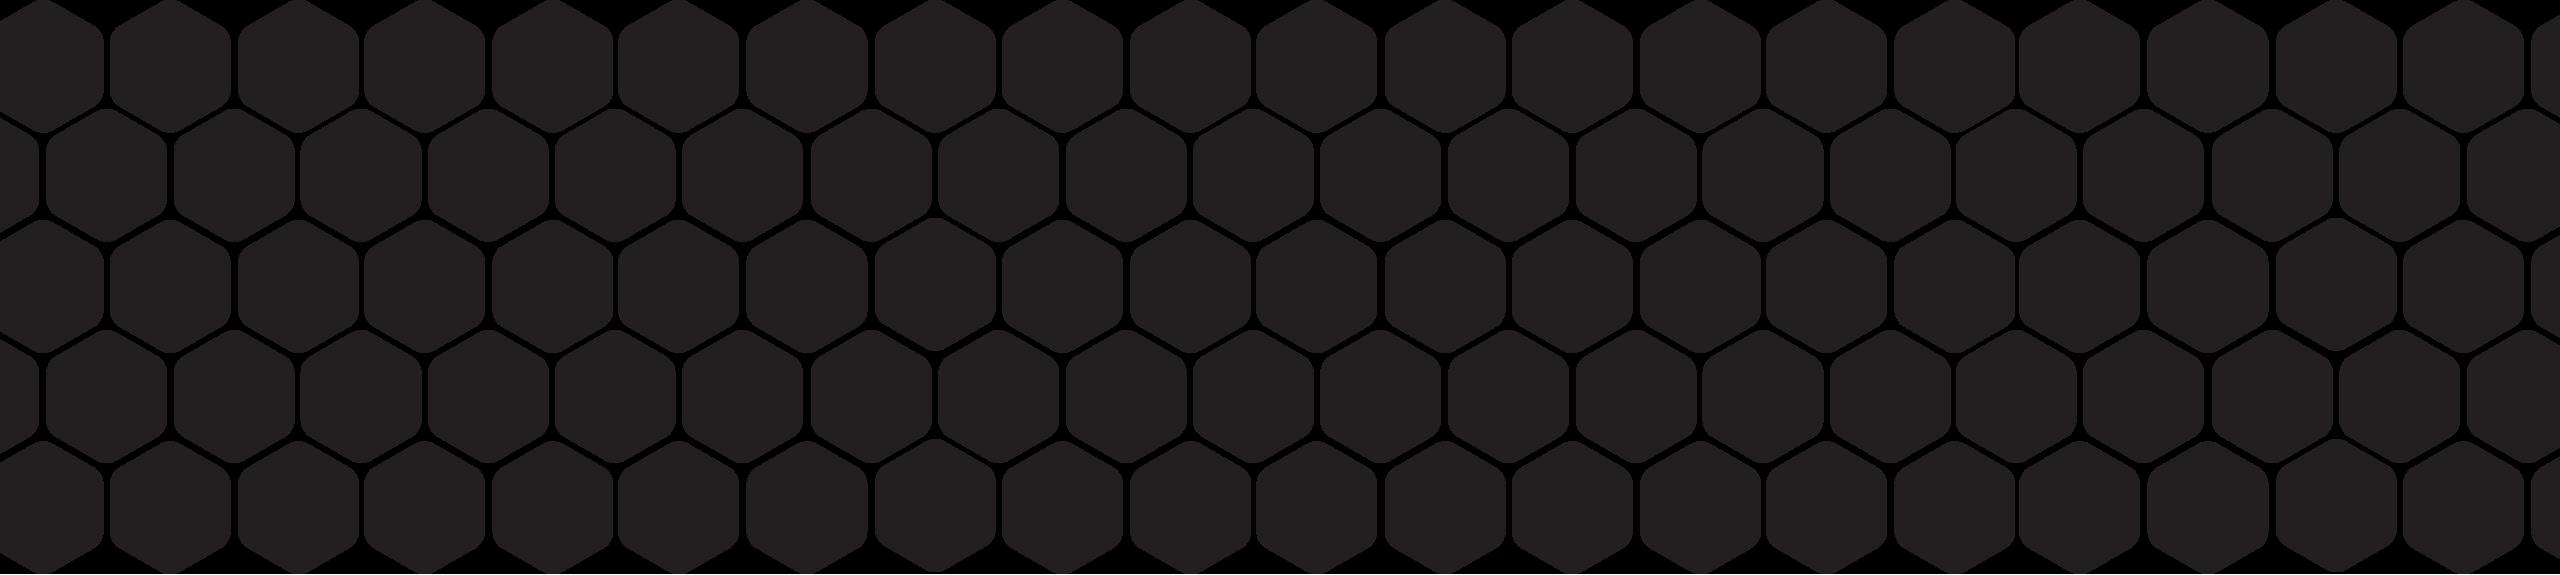 e-course-hexagon-pattern.original